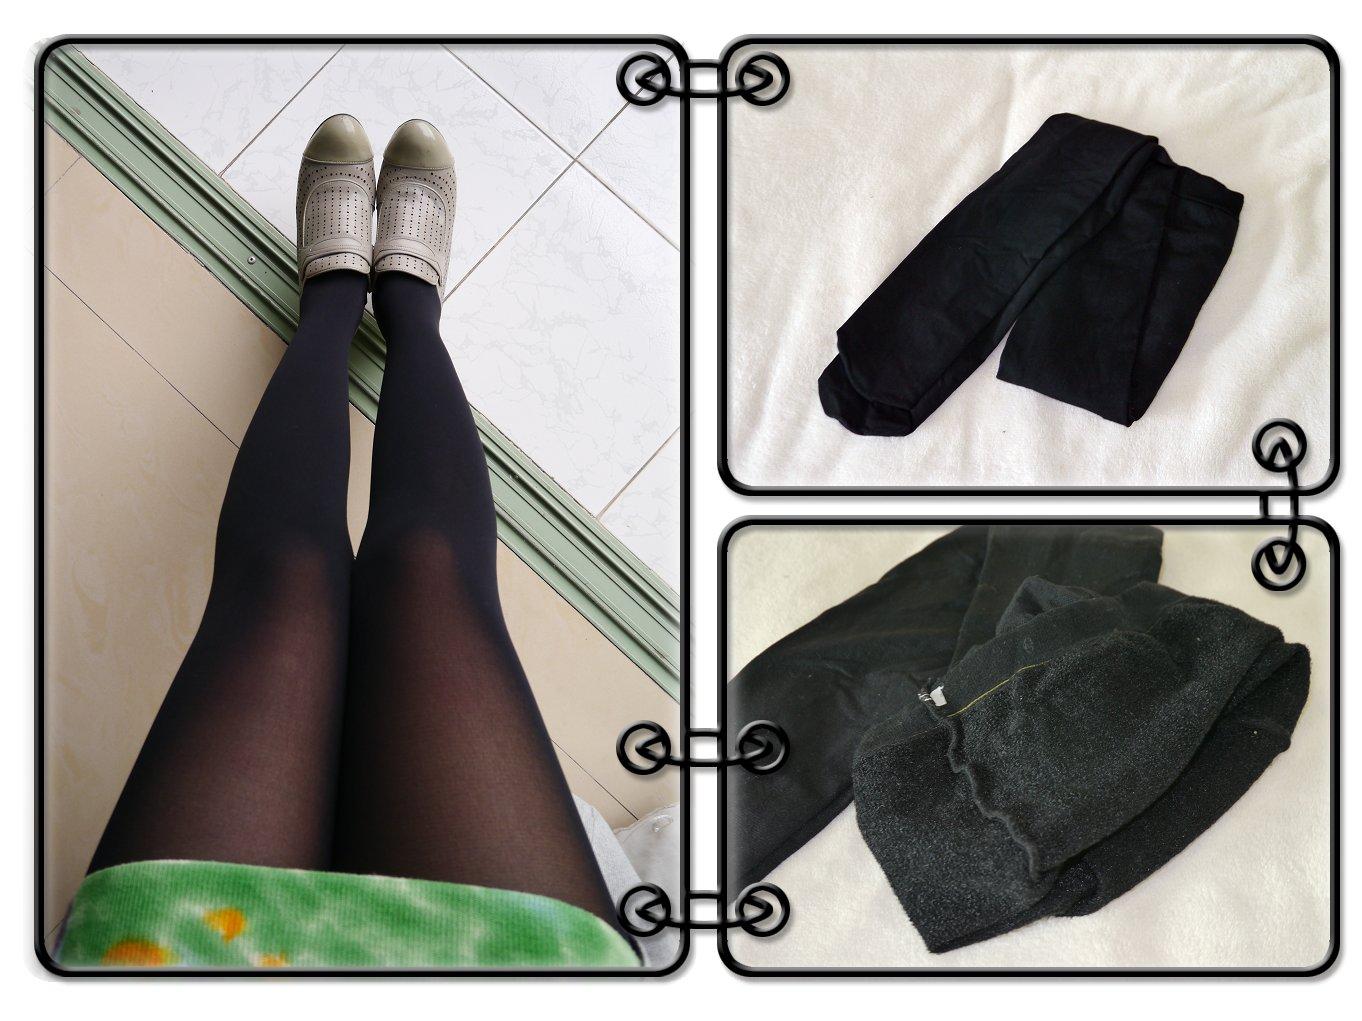 蜈蚣精外传 秋冬袜子 不完全 篇图片